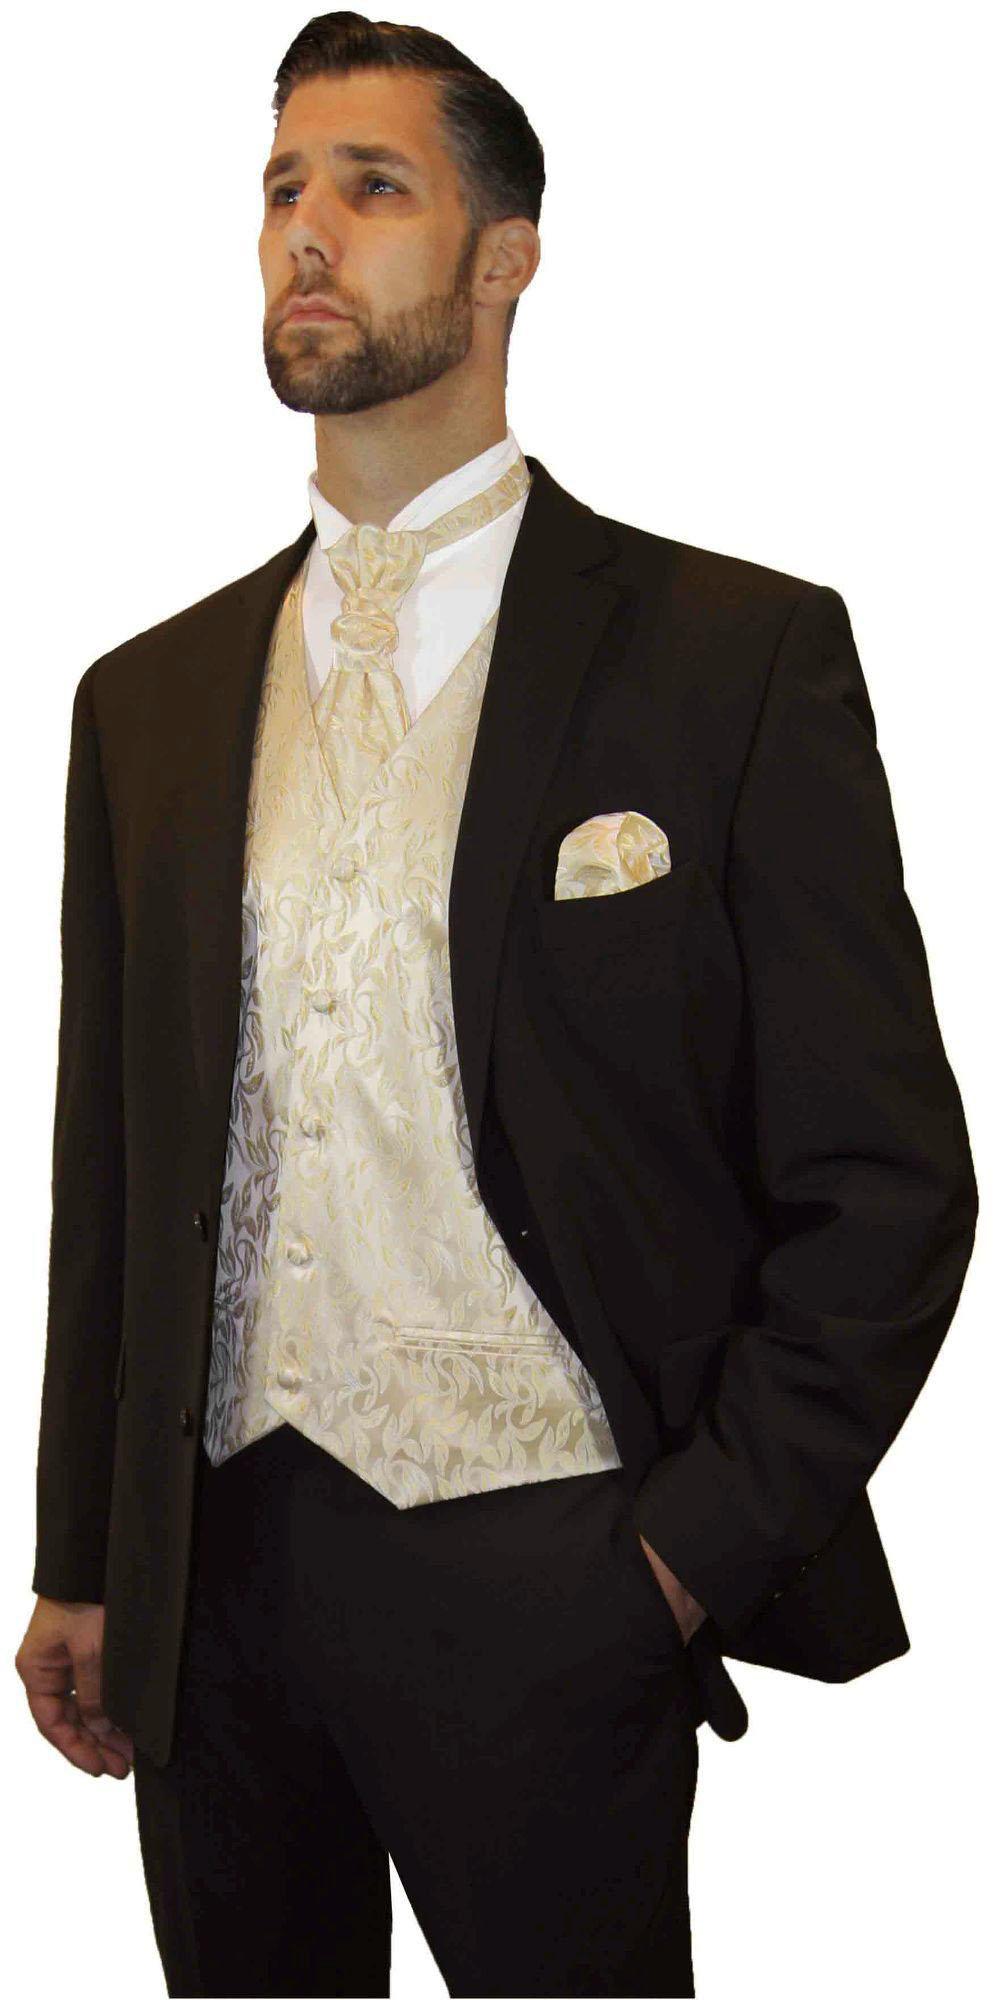 c4e576f37dcb1c Brauner Hochzeitsanzug modern mit Hochzeitsweste creme gold | Bräutigam  Hochzeit Anzug Herren